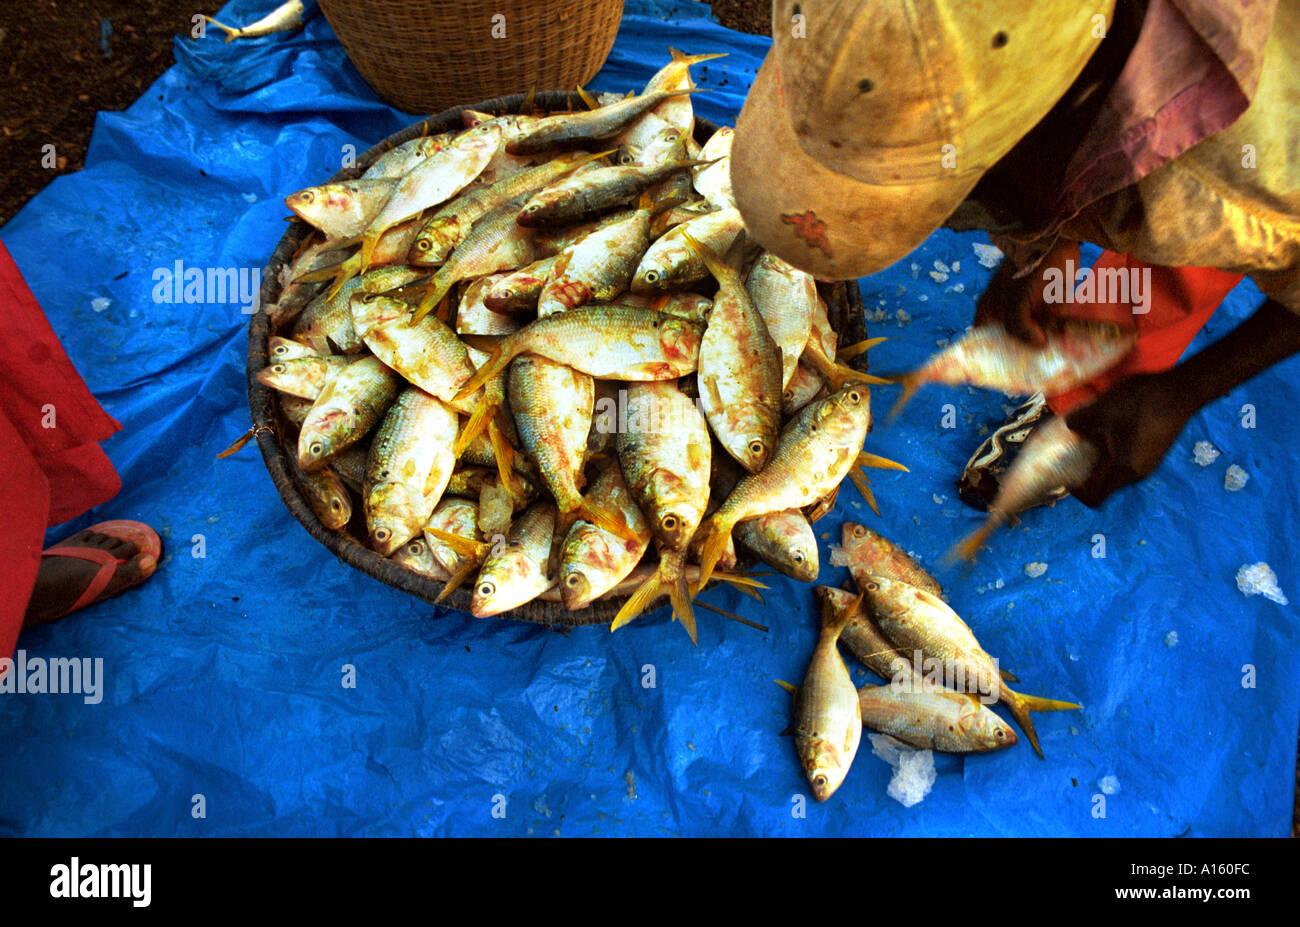 Locali e della Mauritania pescatori senegalesi portare nei giorni raccolto nei pressi della capitale Nouakchott in Mauritania. Africa occidentale Immagini Stock